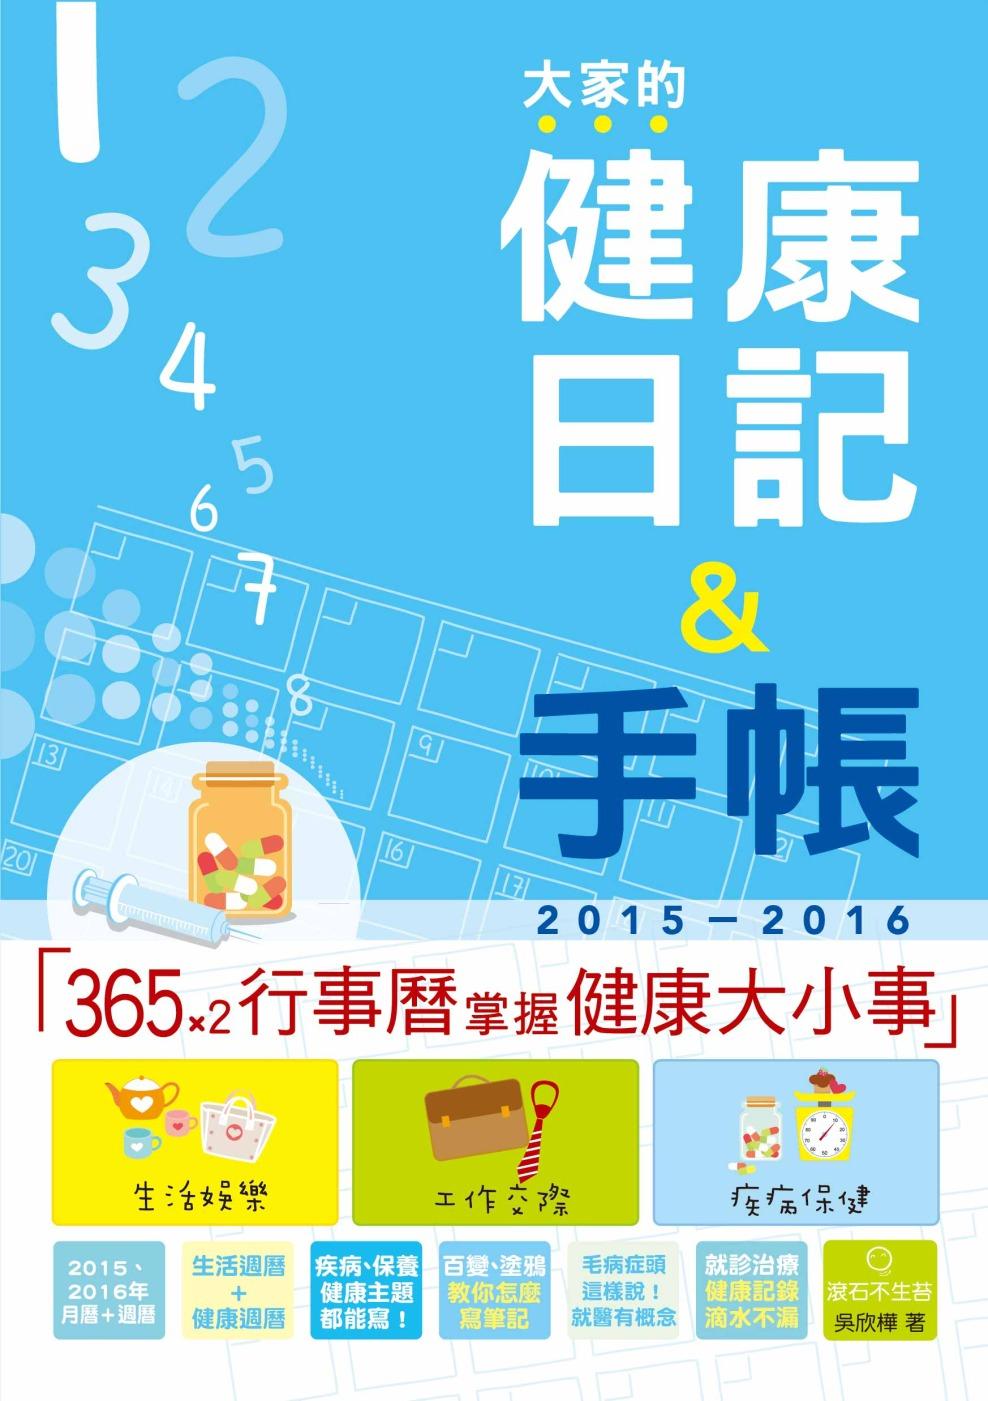 2015-2016版 大家的健康日記 手帳 25K